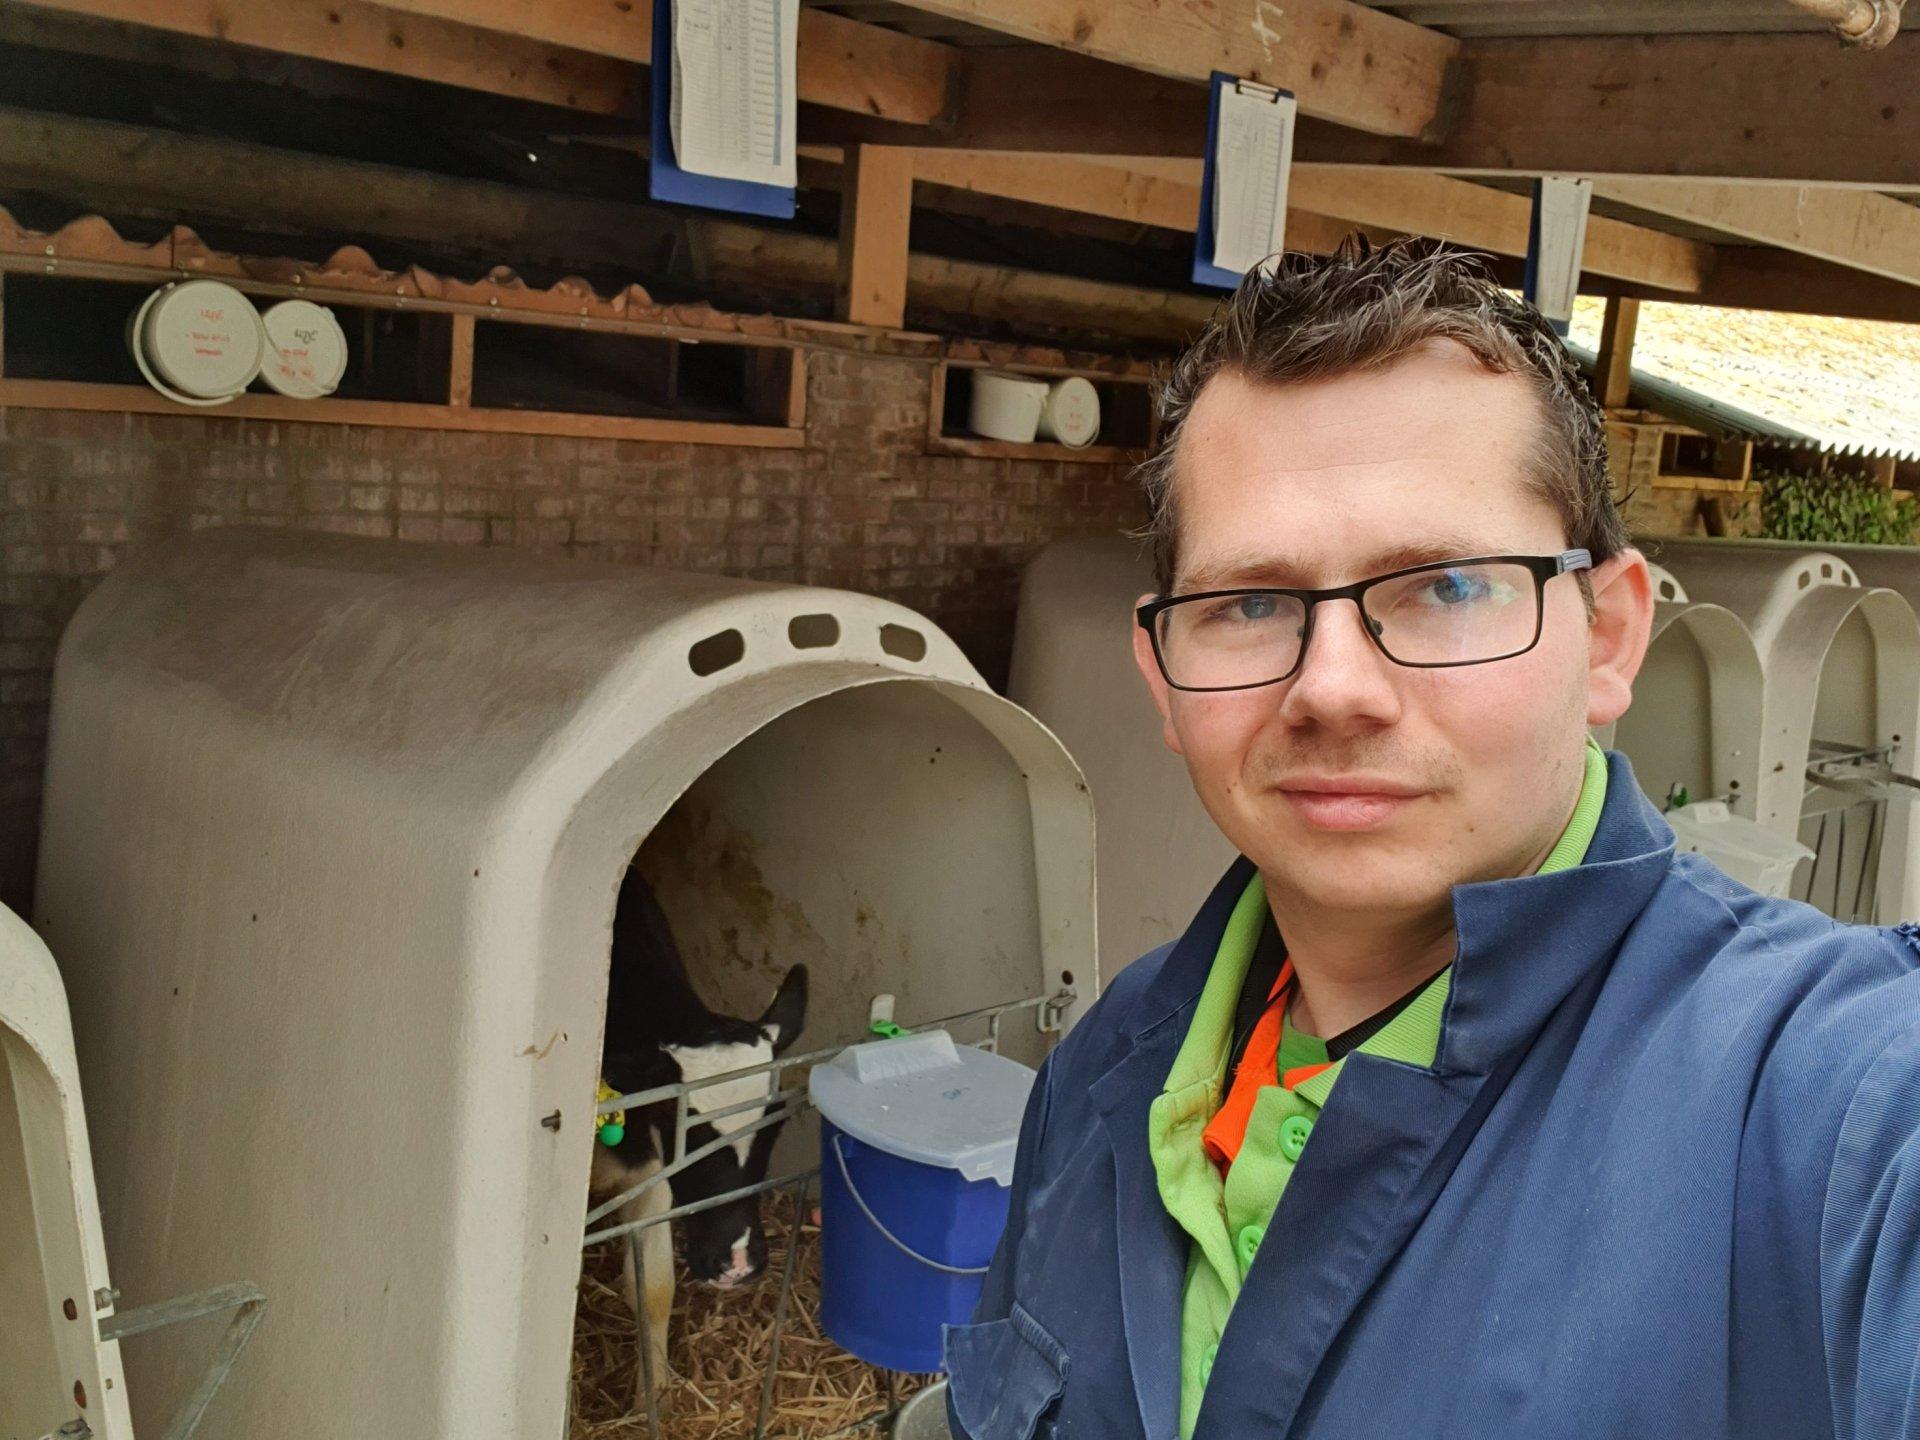 Bryan3664 uit Drenthe,Nederland